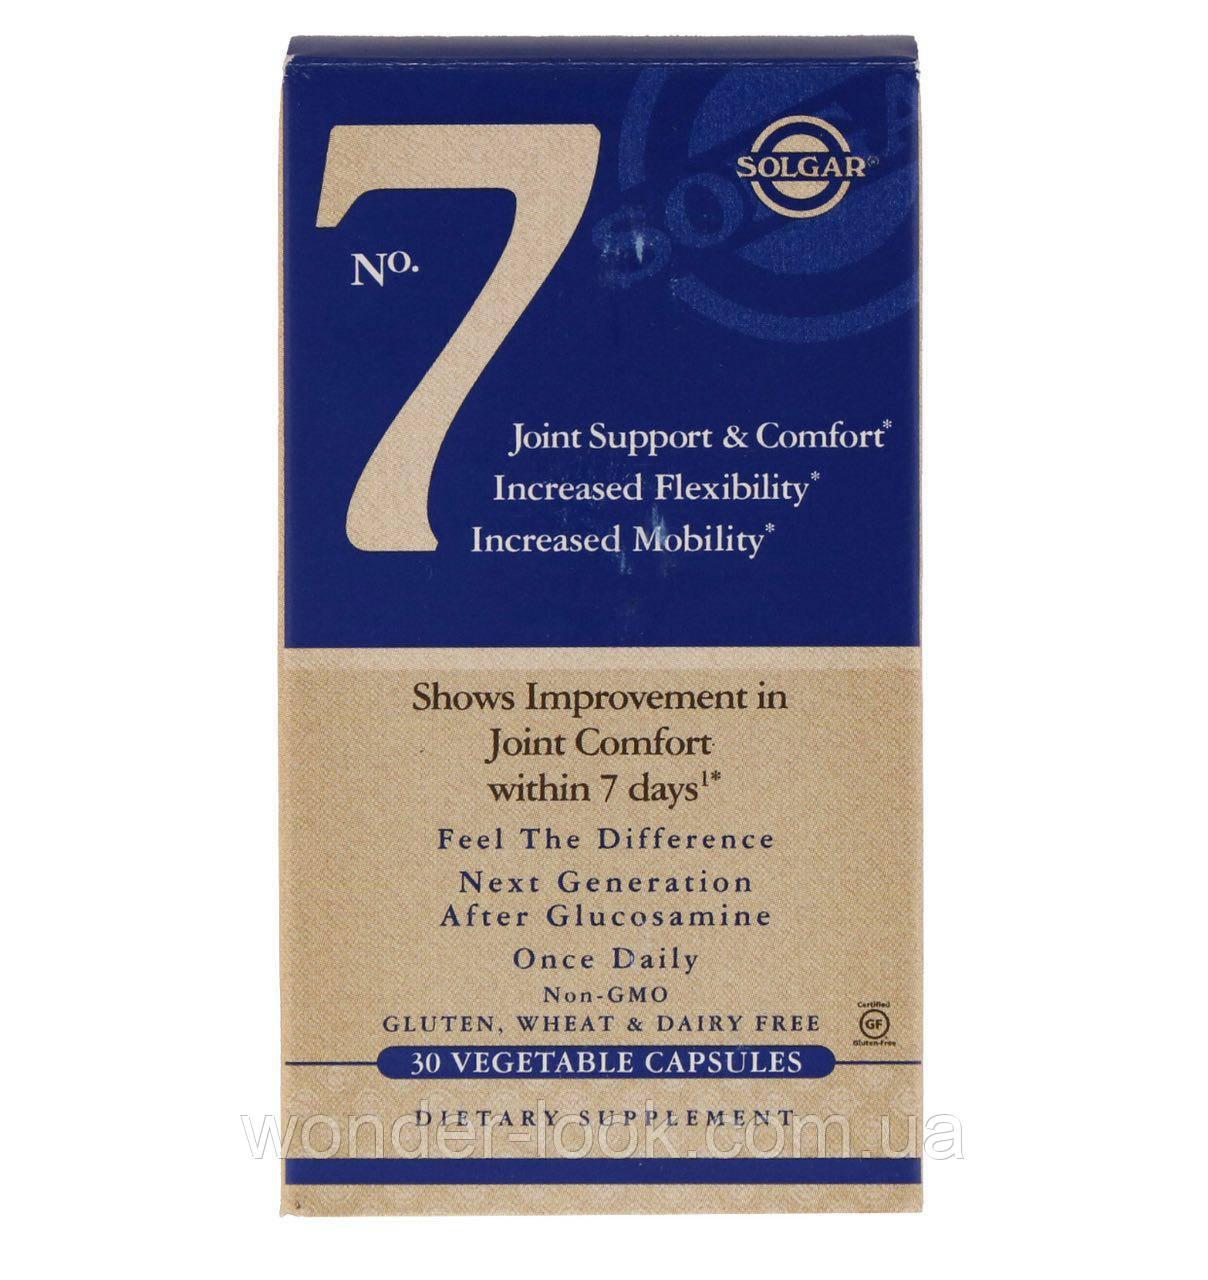 Solgar No. 7 для комфорта и поддержки суставов